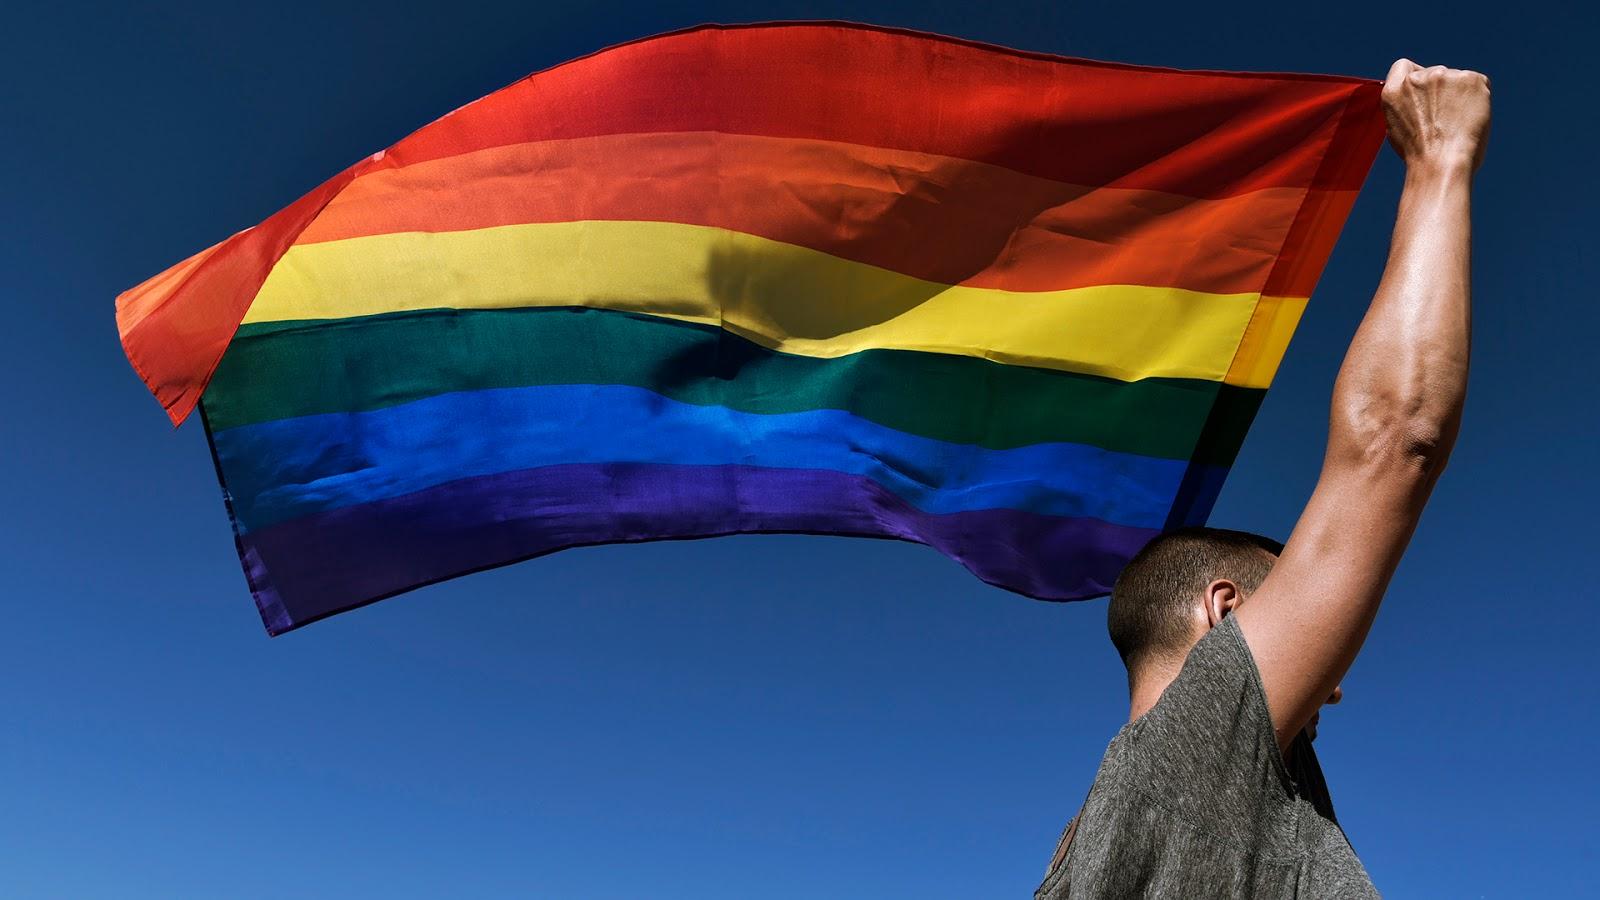 Por qué hoy se celebra el Día del Orgullo LGBT+